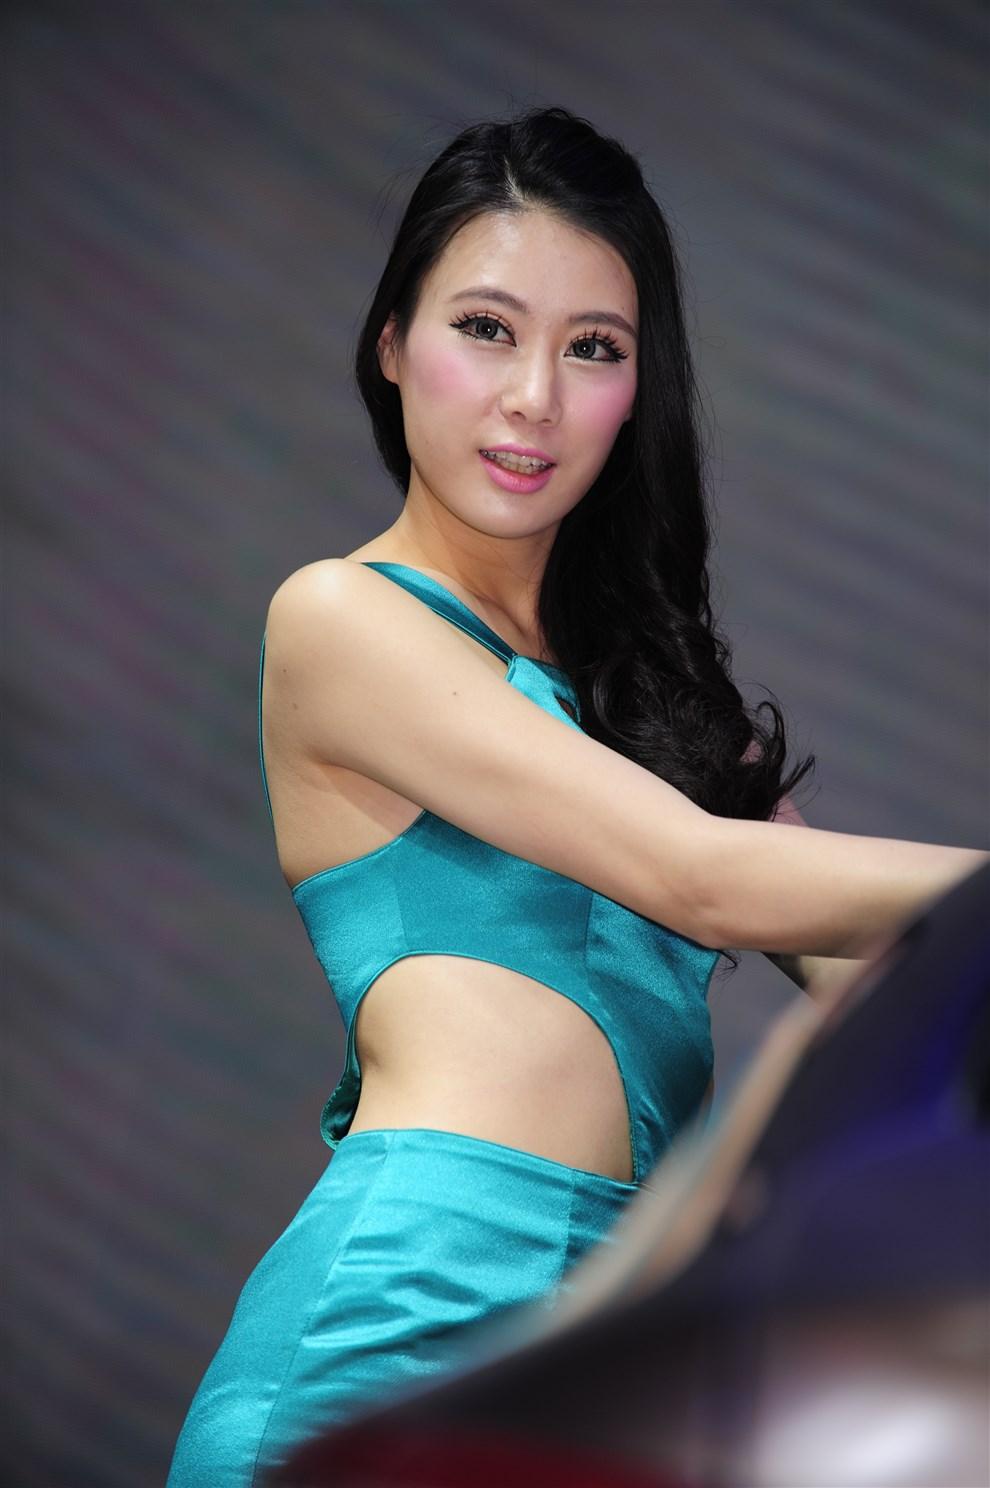 西西人休艺术图 巨乳美女刘飞儿Faye牛仔短裤私房